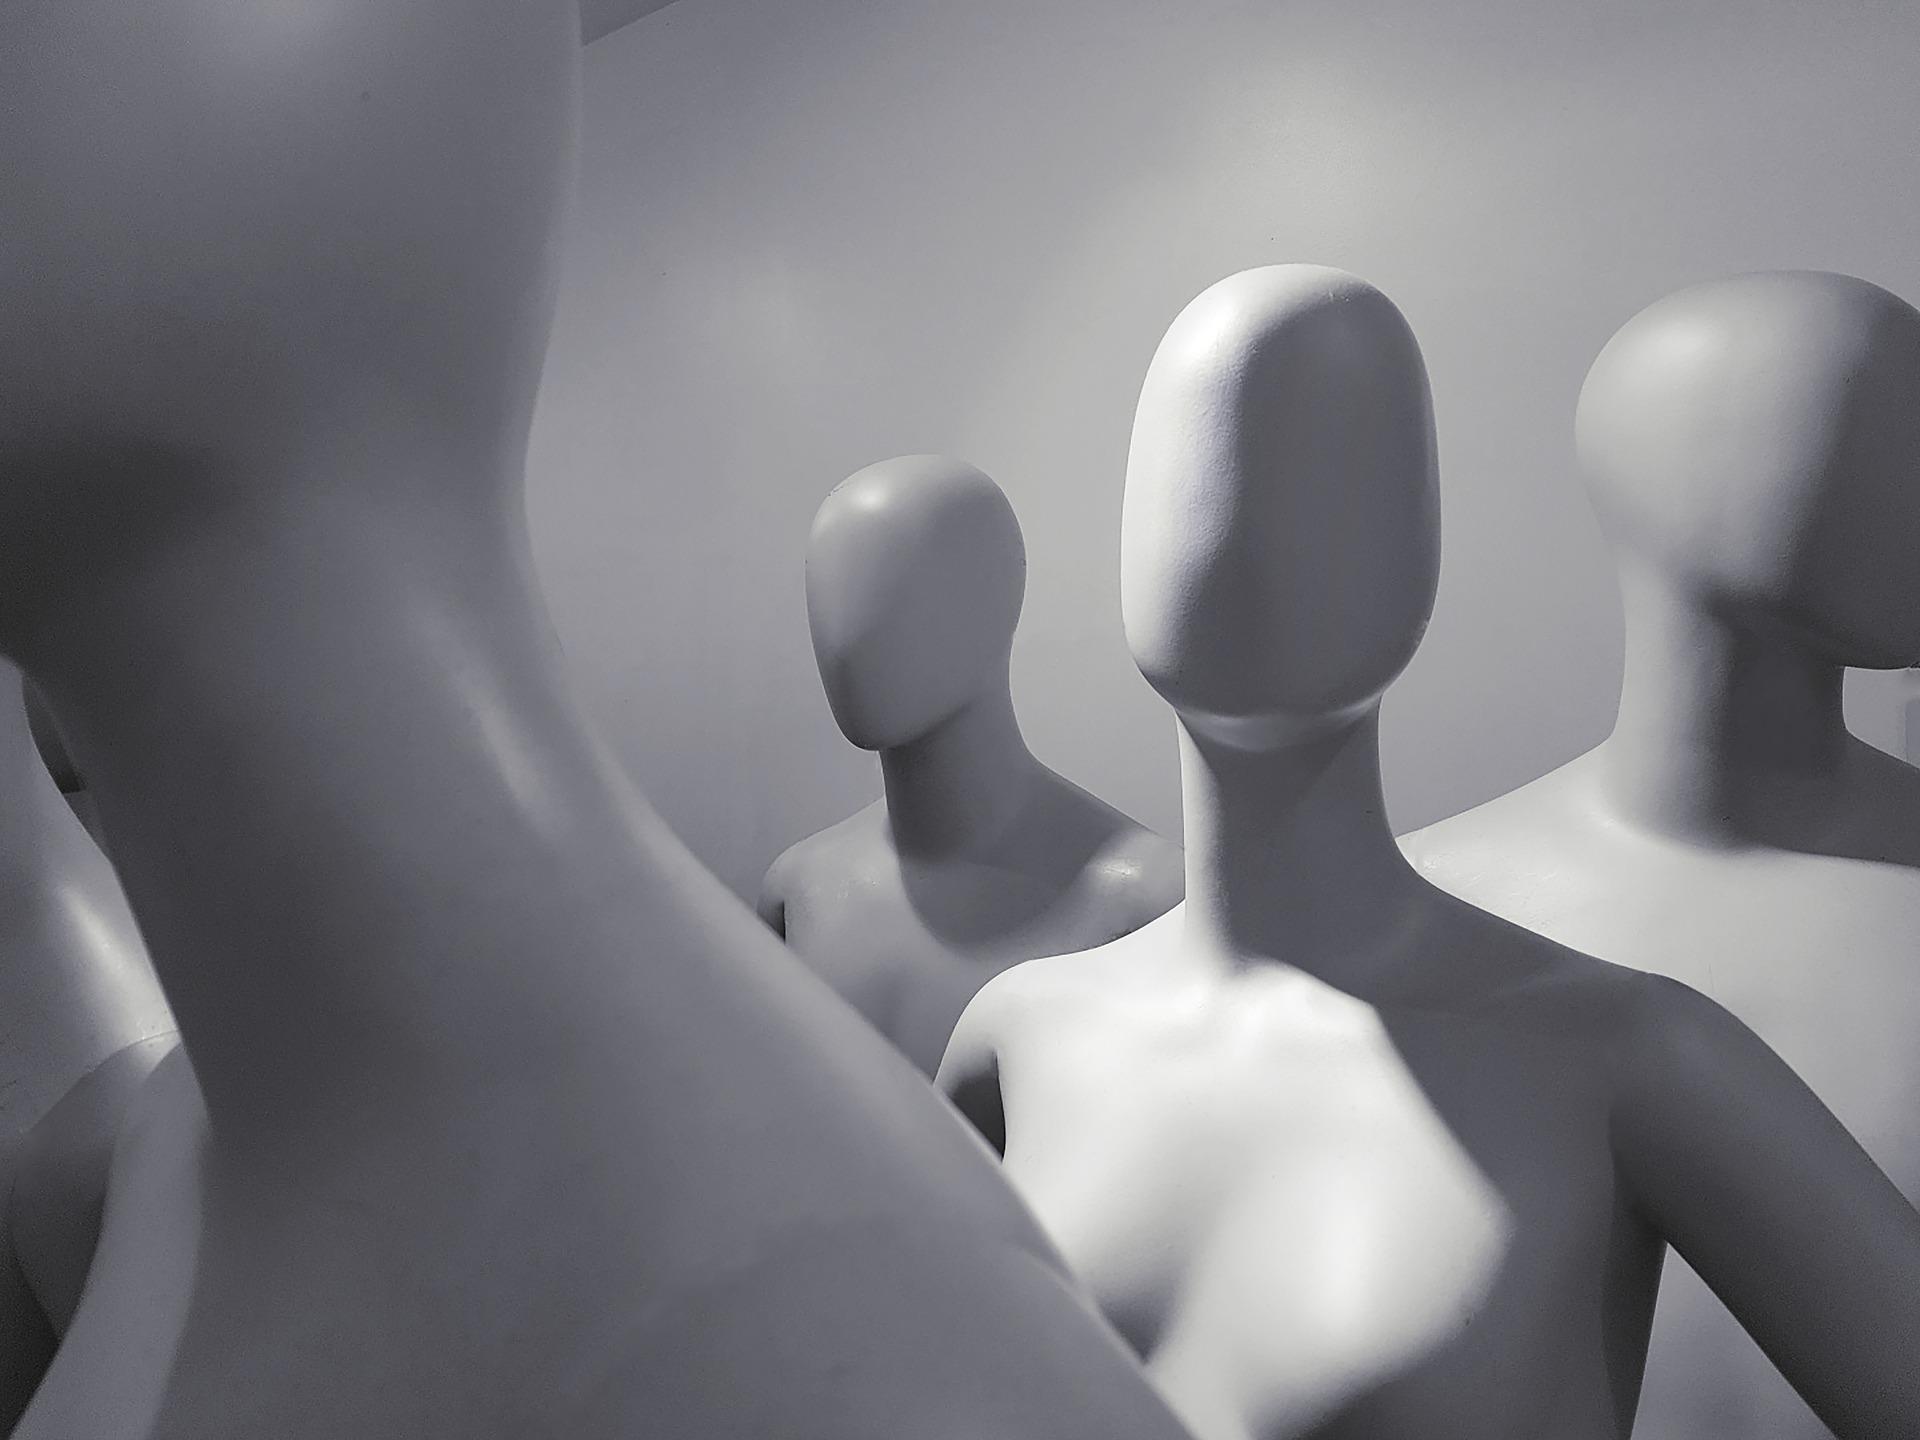 Ученые из США назвали способ распознать мужскую и женскую ложь